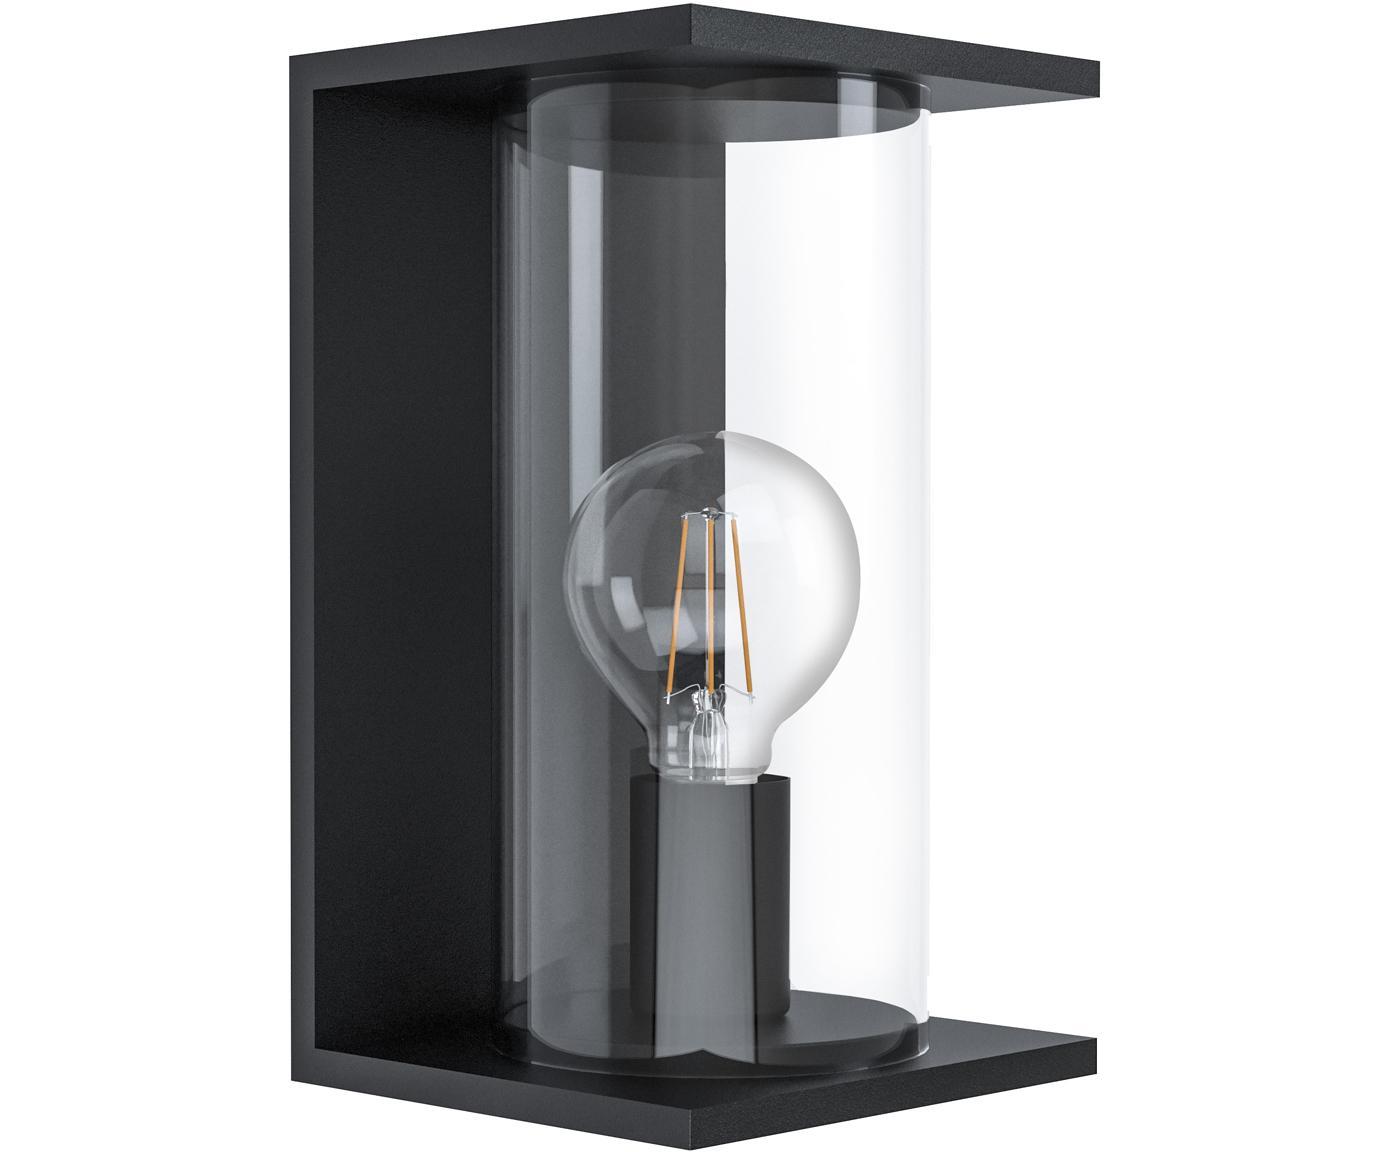 Outdoor wandlamp Cascinetta, Verzinkt staal, glas, Zwart, transparant, 17 x 28 cm